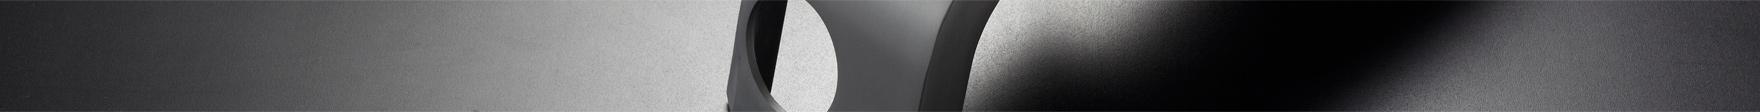 Taglio laser su profili tubolari: una lavorazione che consente tempi di esecuzione veloci e qualità di lavorazione finale eccellente